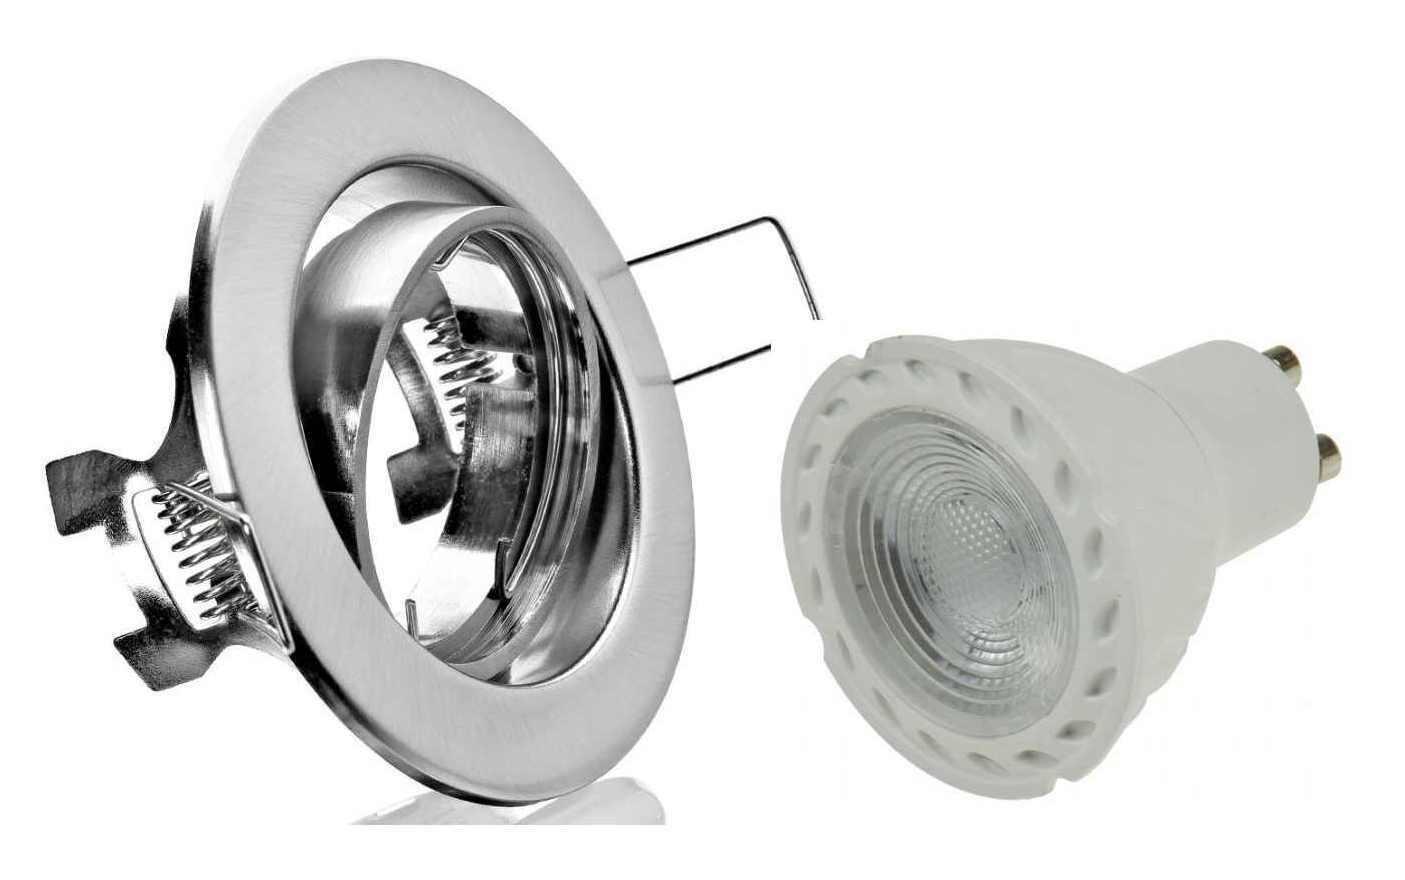 10xLed Einbaustrahler Spot Lampe nm+5Watt roter Led 230V Dekoleuchte